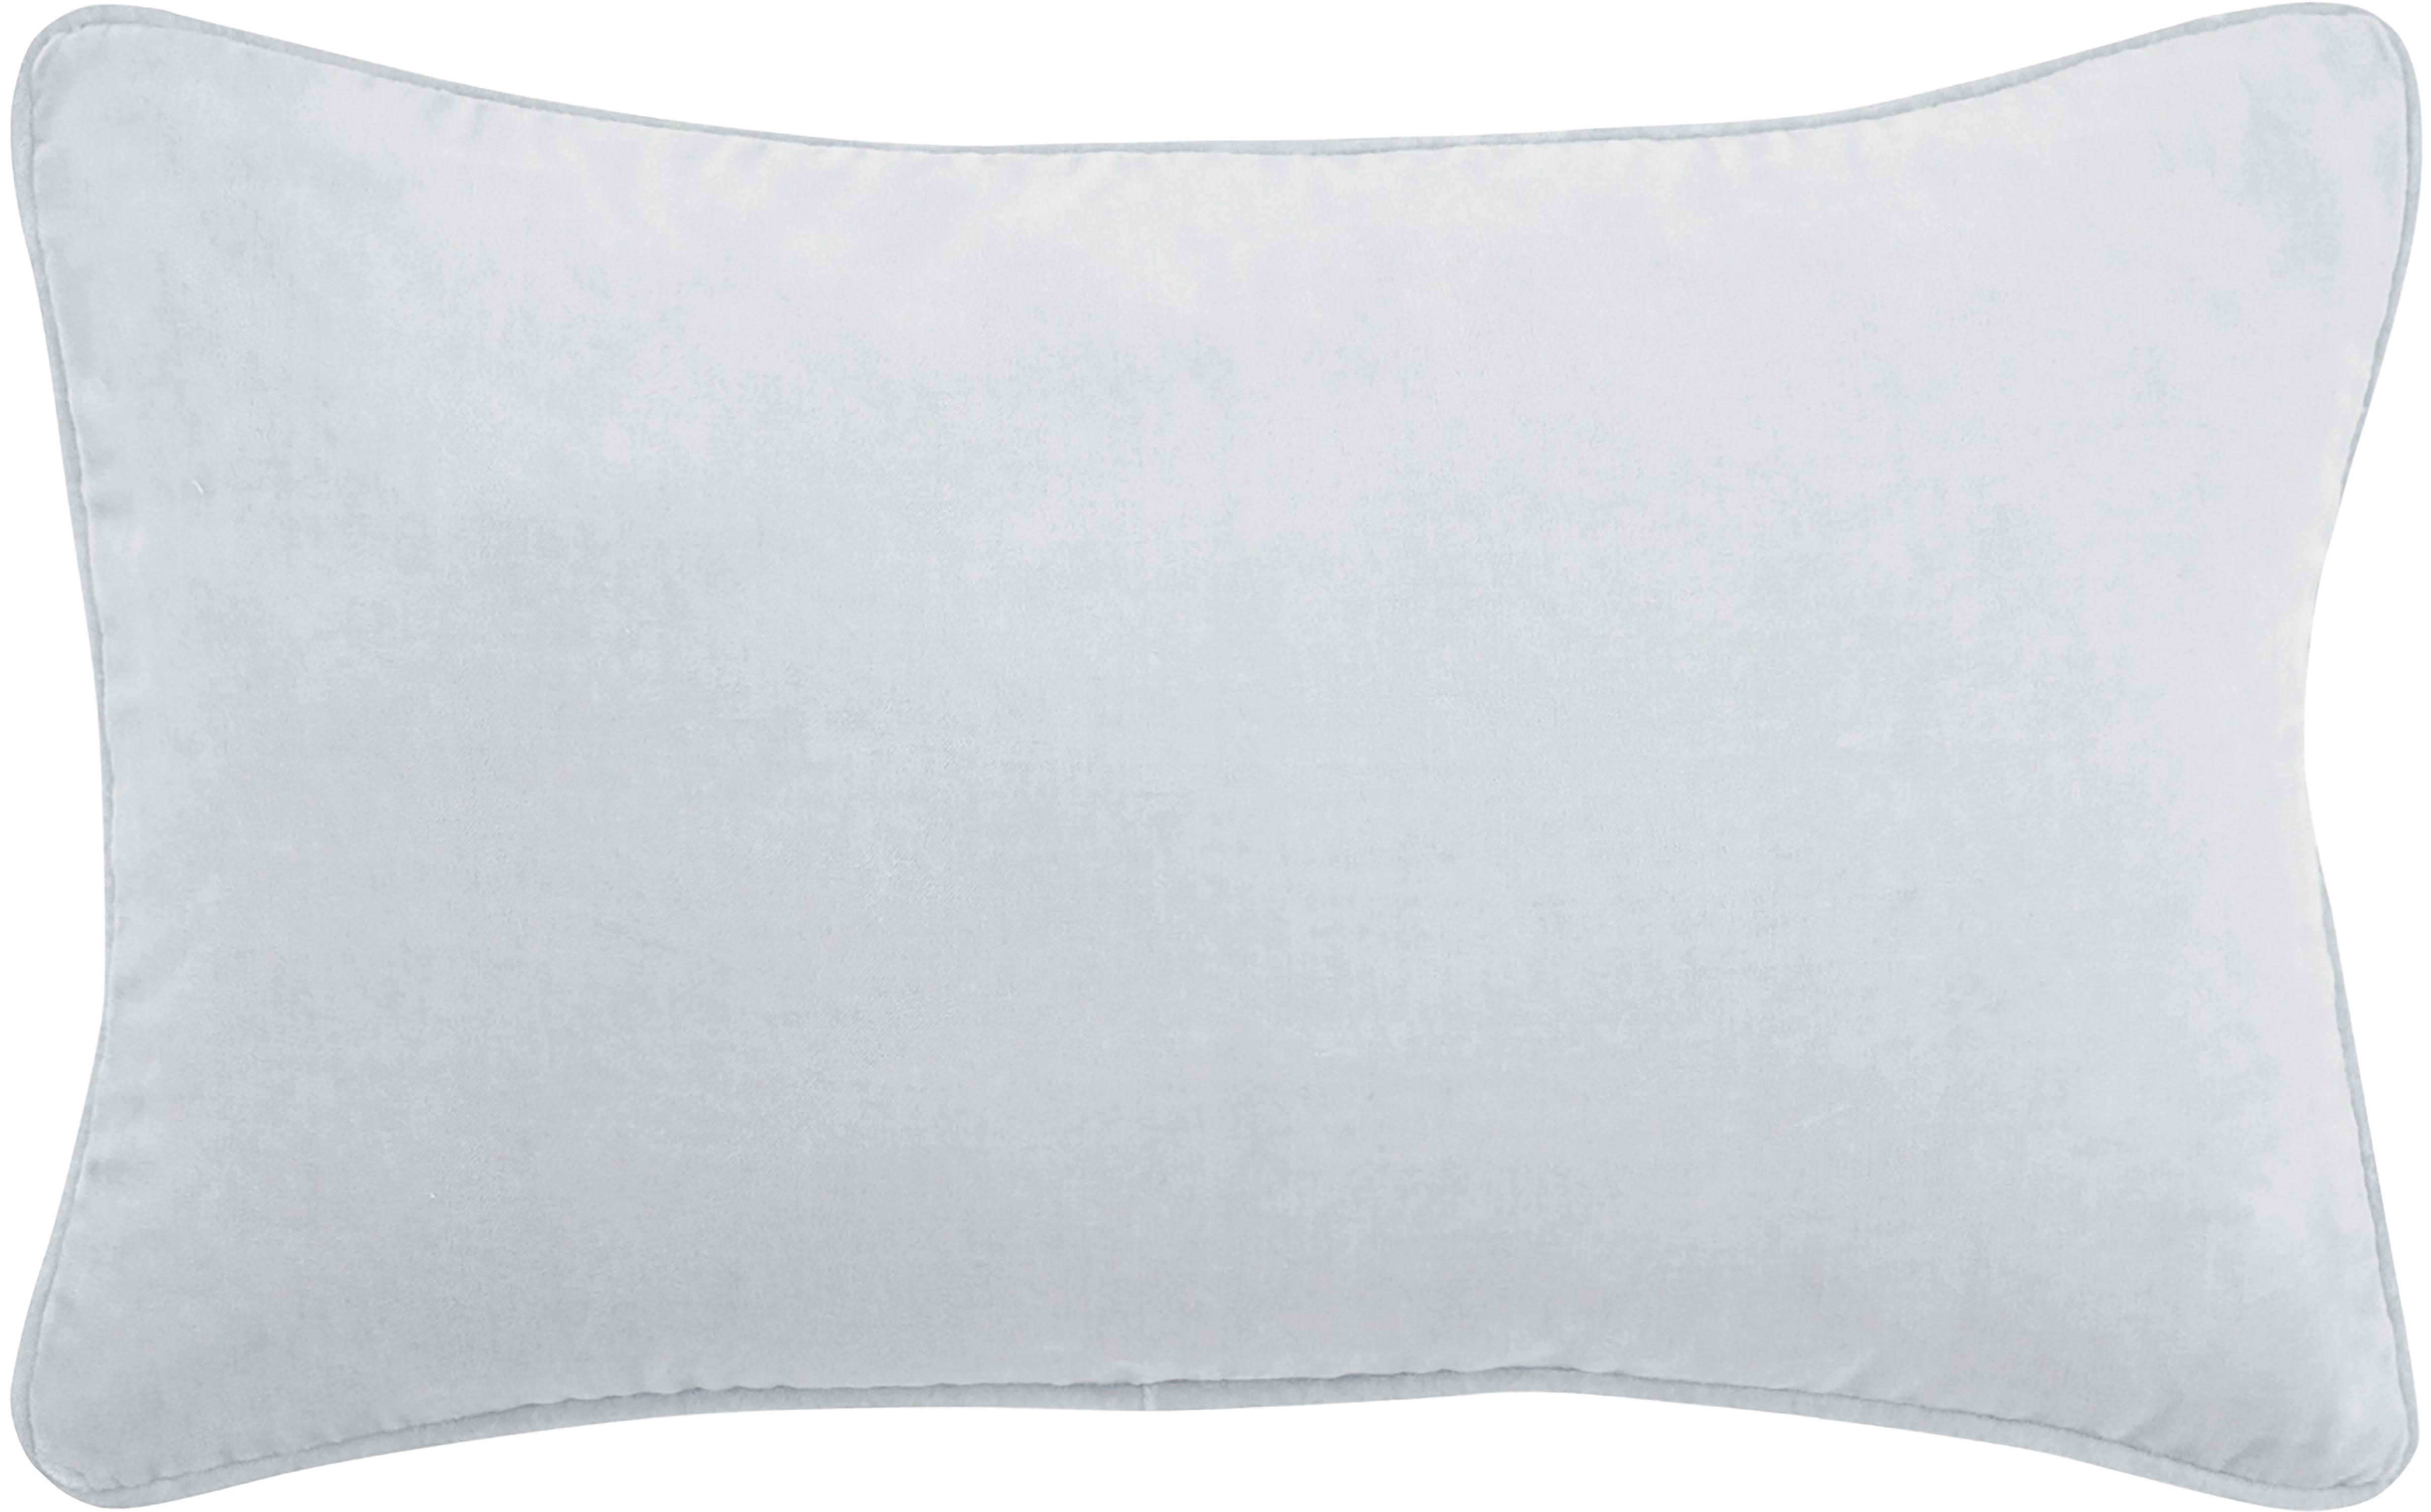 Federa arredo in velluto grigio chiaro Dana, 100% velluto di cotone, Grigio chiaro, Larg. 30 x Lung. 50 cm